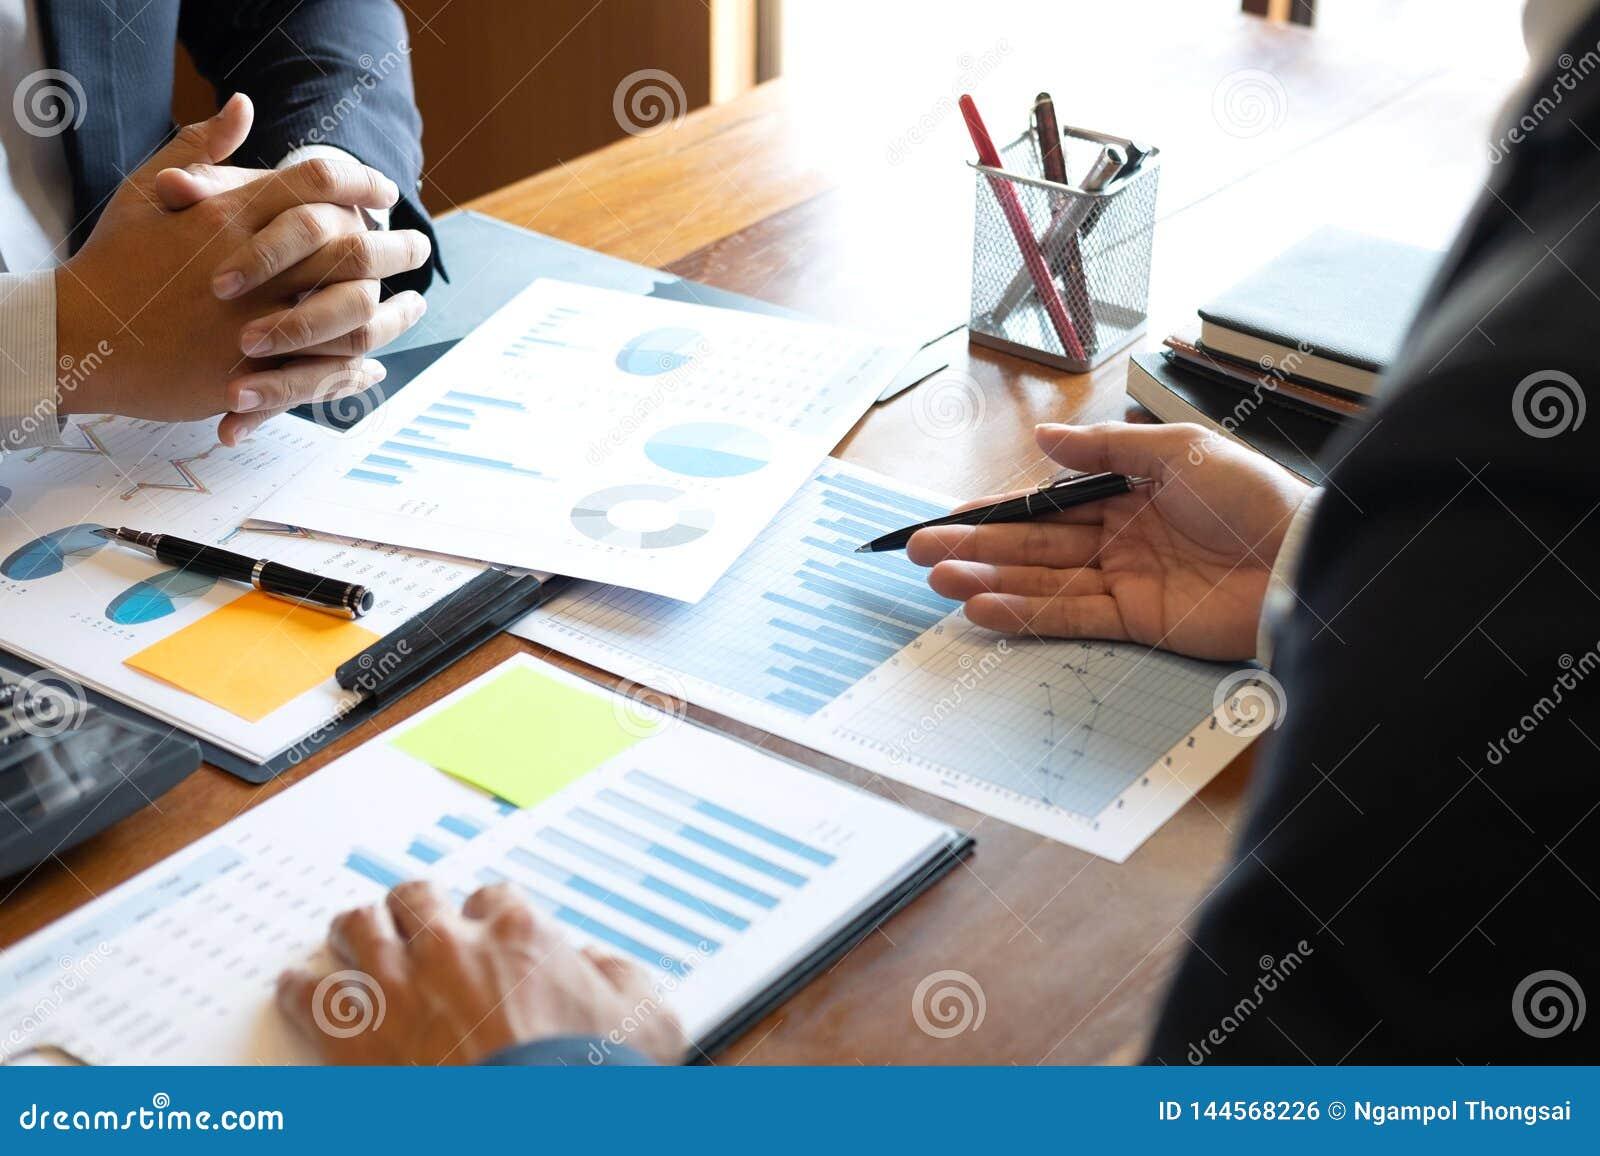 Os executivos da equipe discutem em reunir-se ao funcionamento de projeto de investimento e ? estrat?gia planejando do neg?cio qu